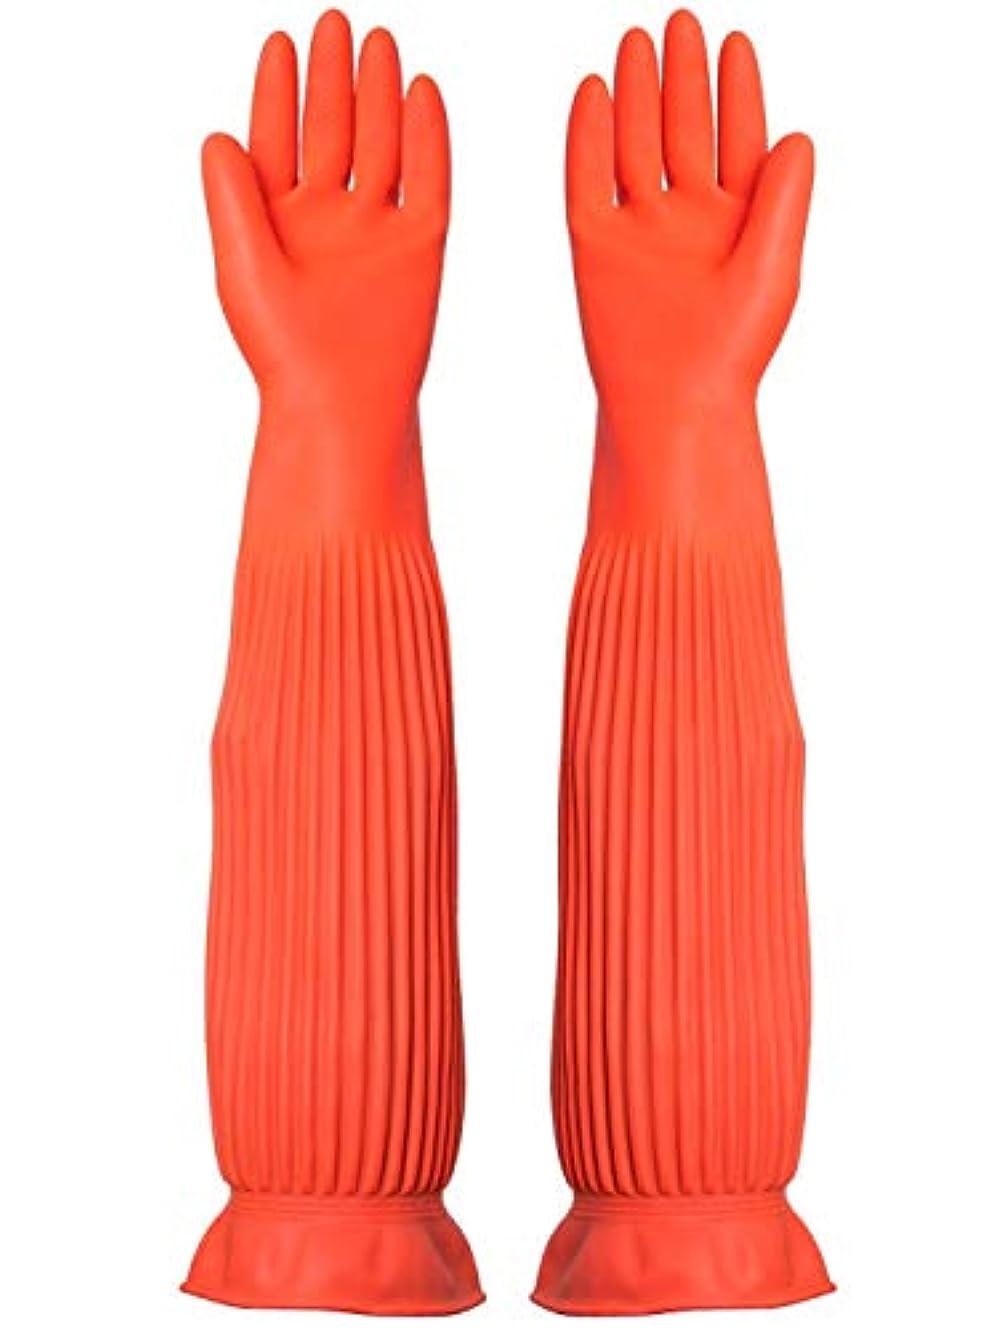 ビジネス地獄司令官使い捨て手袋 労働保険手袋長い防水ゴム厚の耐摩耗性ゴム手袋、1ペア ニトリルゴム手袋 (Color : ORANGE, Size : M)